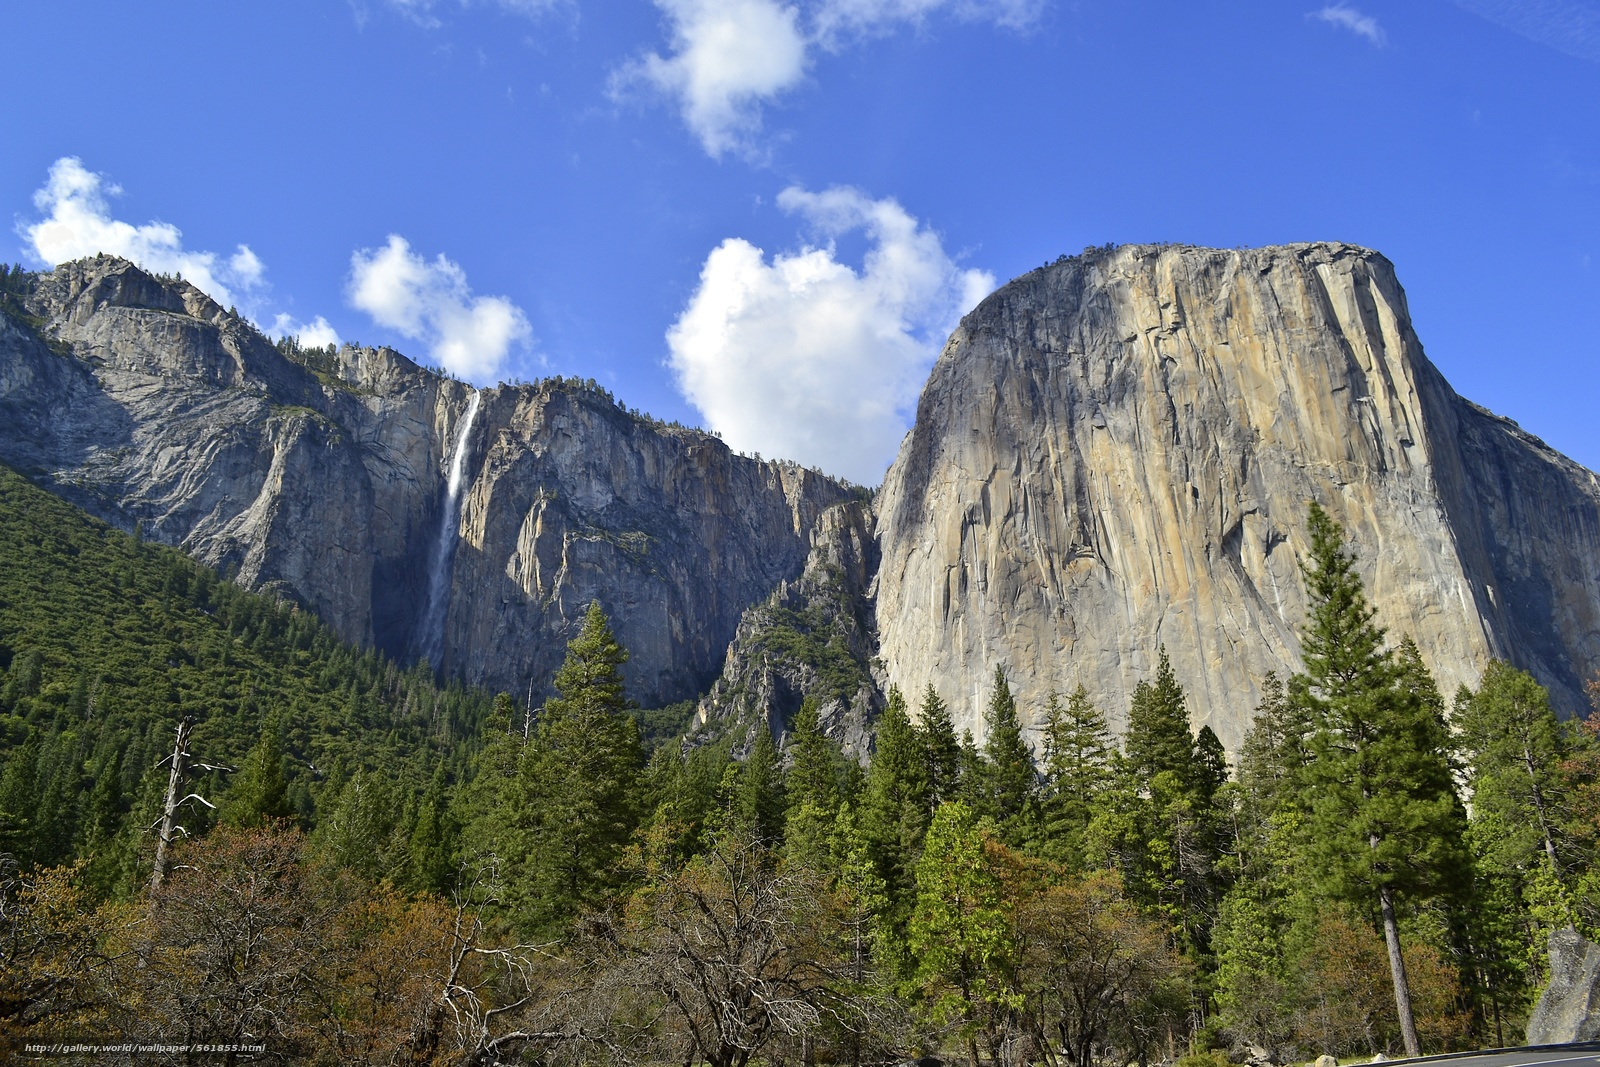 壁紙をダウンロード ヨセミテ国立公園,  山脈,  木,  風景 デスクトップの解像度のための無料壁紙 4608x3072 — 絵 №561855